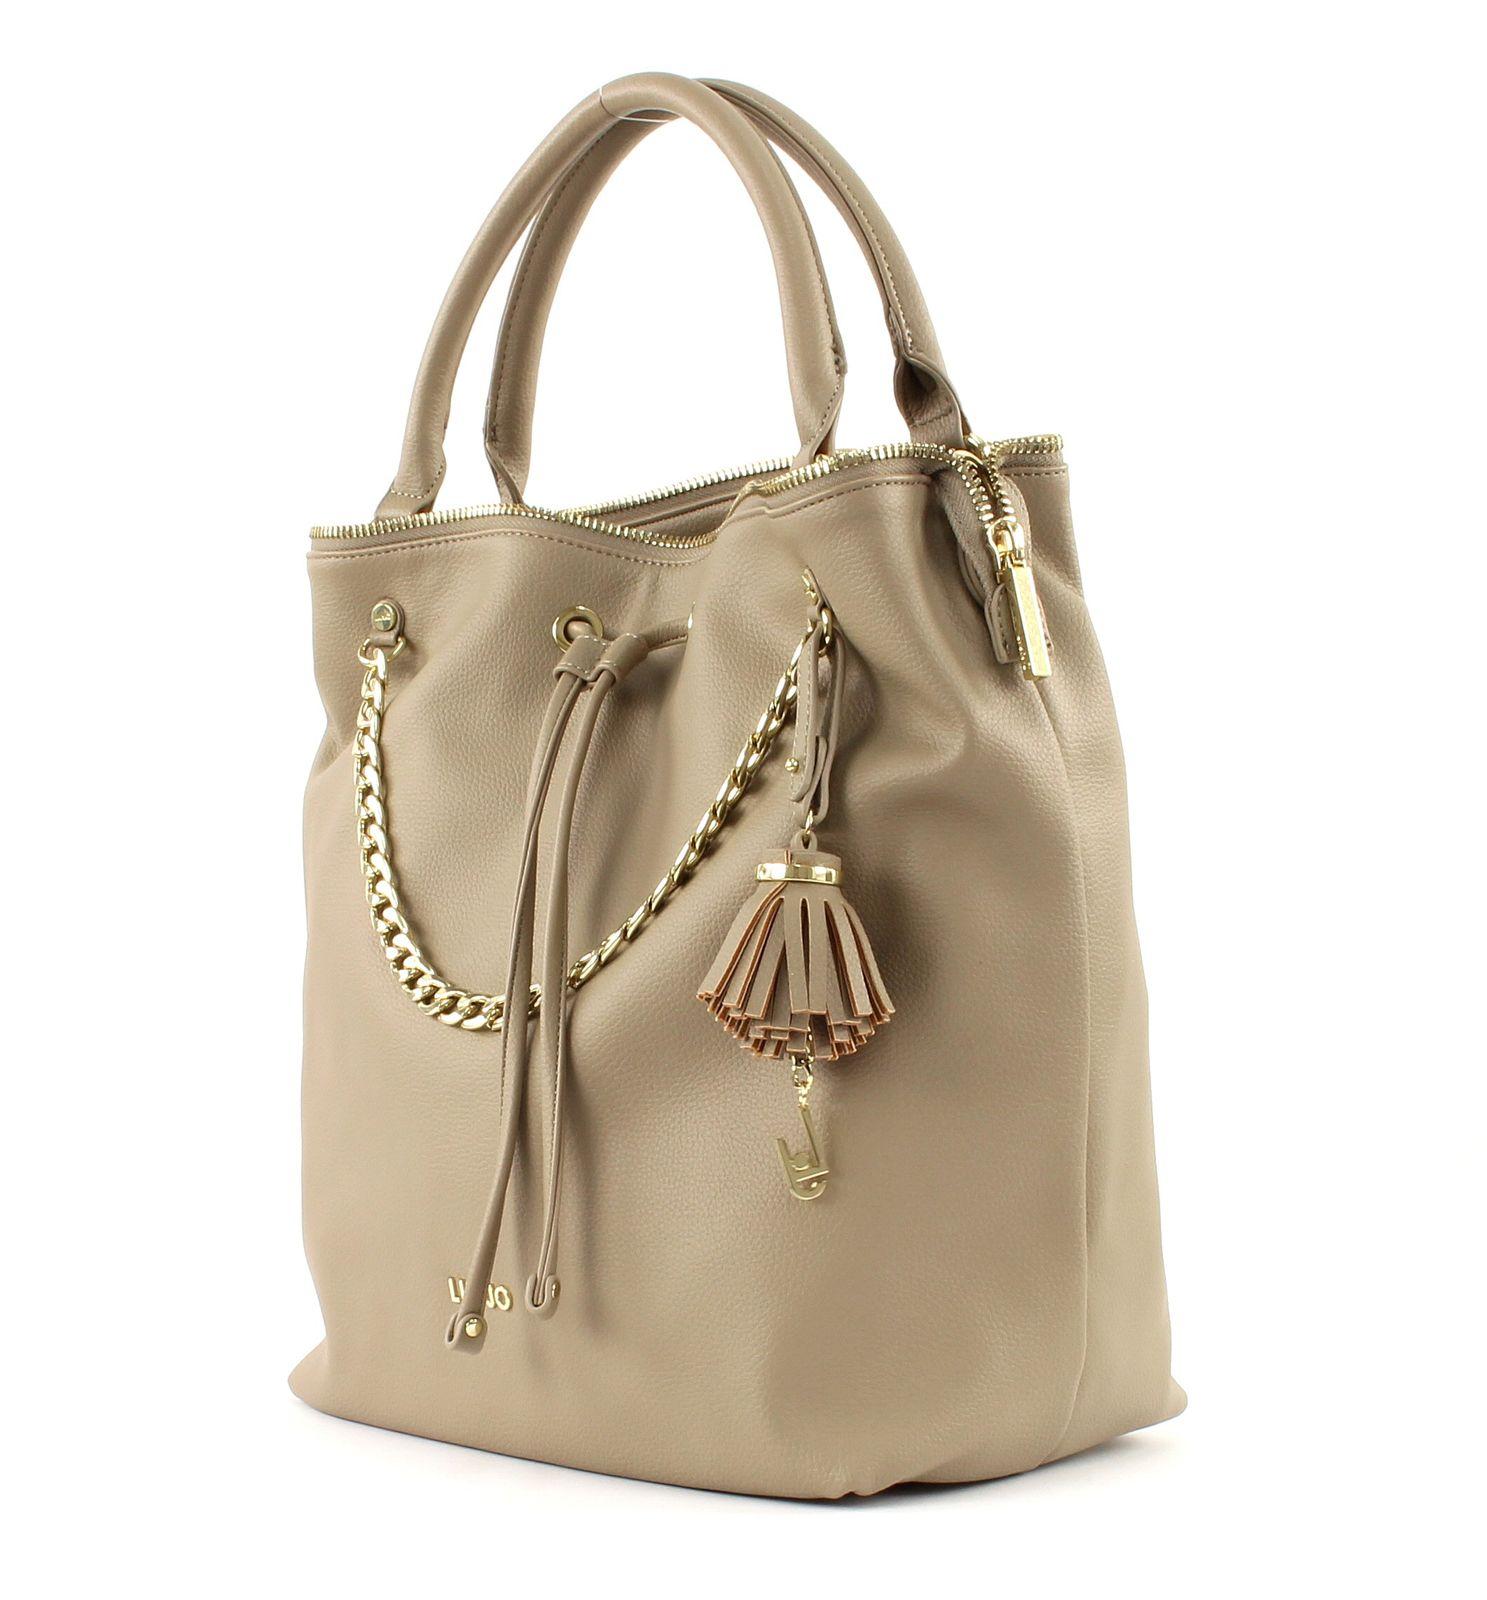 Konstruktiv Clutch Abendtasche Handtasche Tasche Damen Schwarz Perlen Strass Brauttasche Neu Kleidung & Accessoires Damentaschen